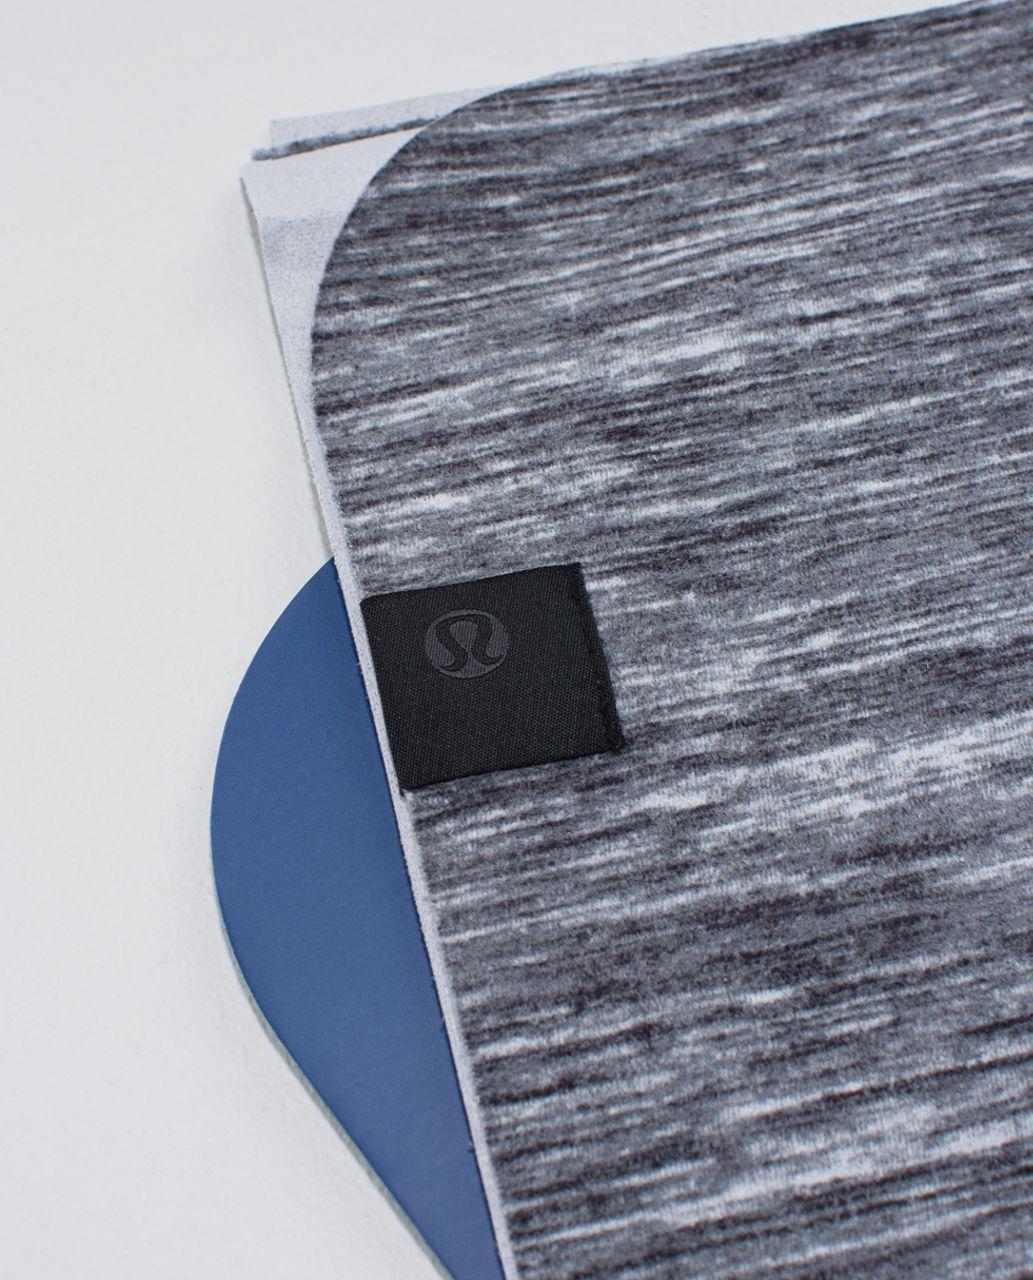 Lululemon The (Small) Towel *Printed - Oki Heathered Print Fossil Black